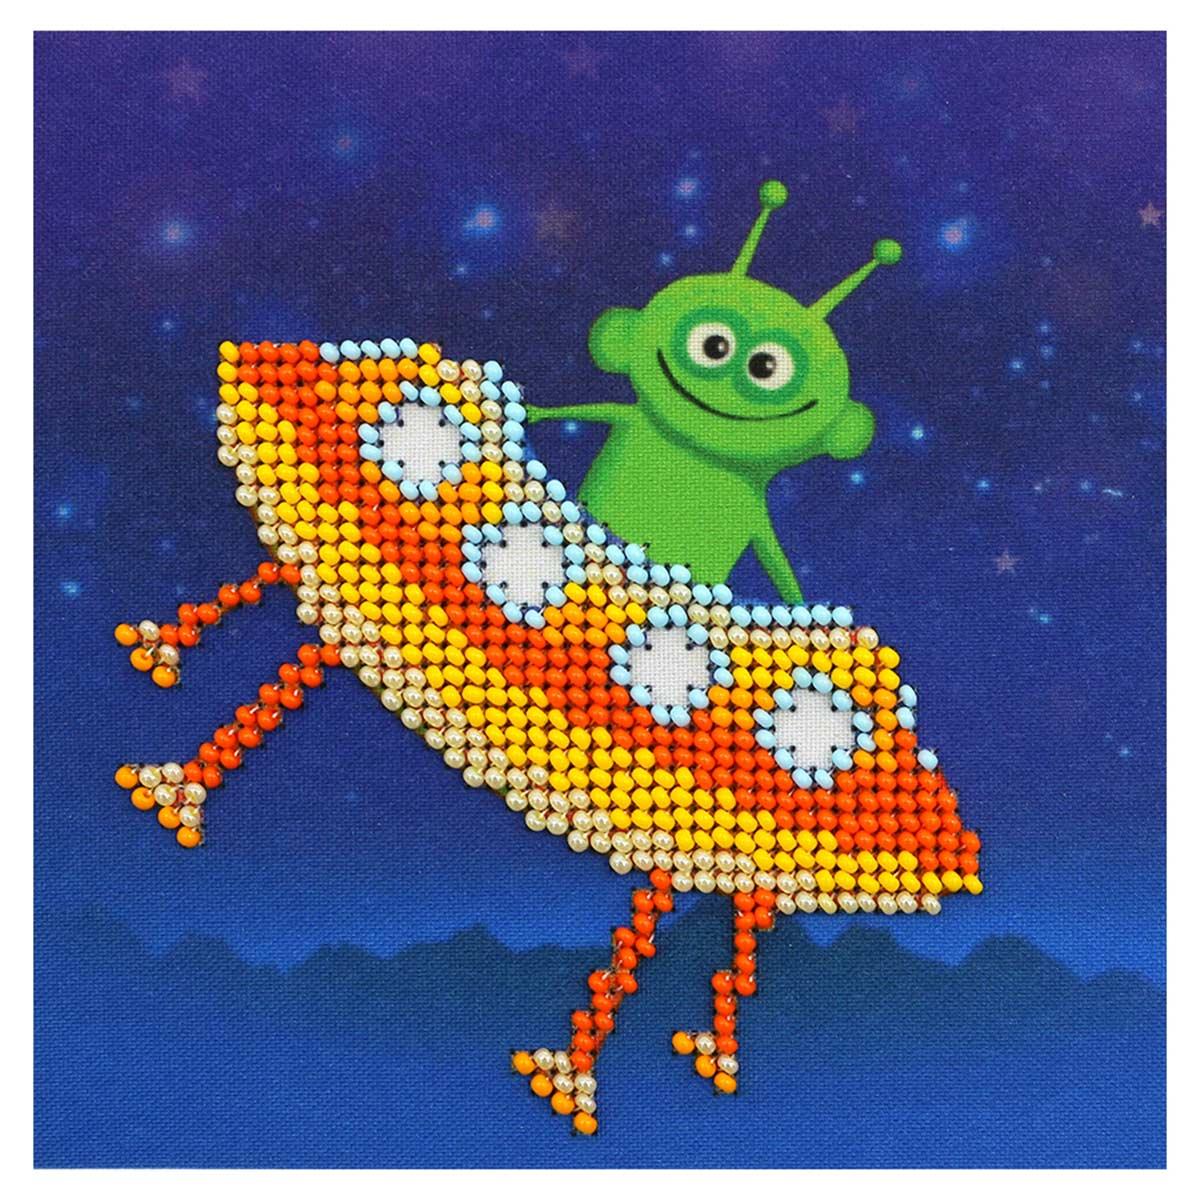 Б-0207 Набор для вышивания бисером Бисеринка 'Инопланетный гость' 12*12см